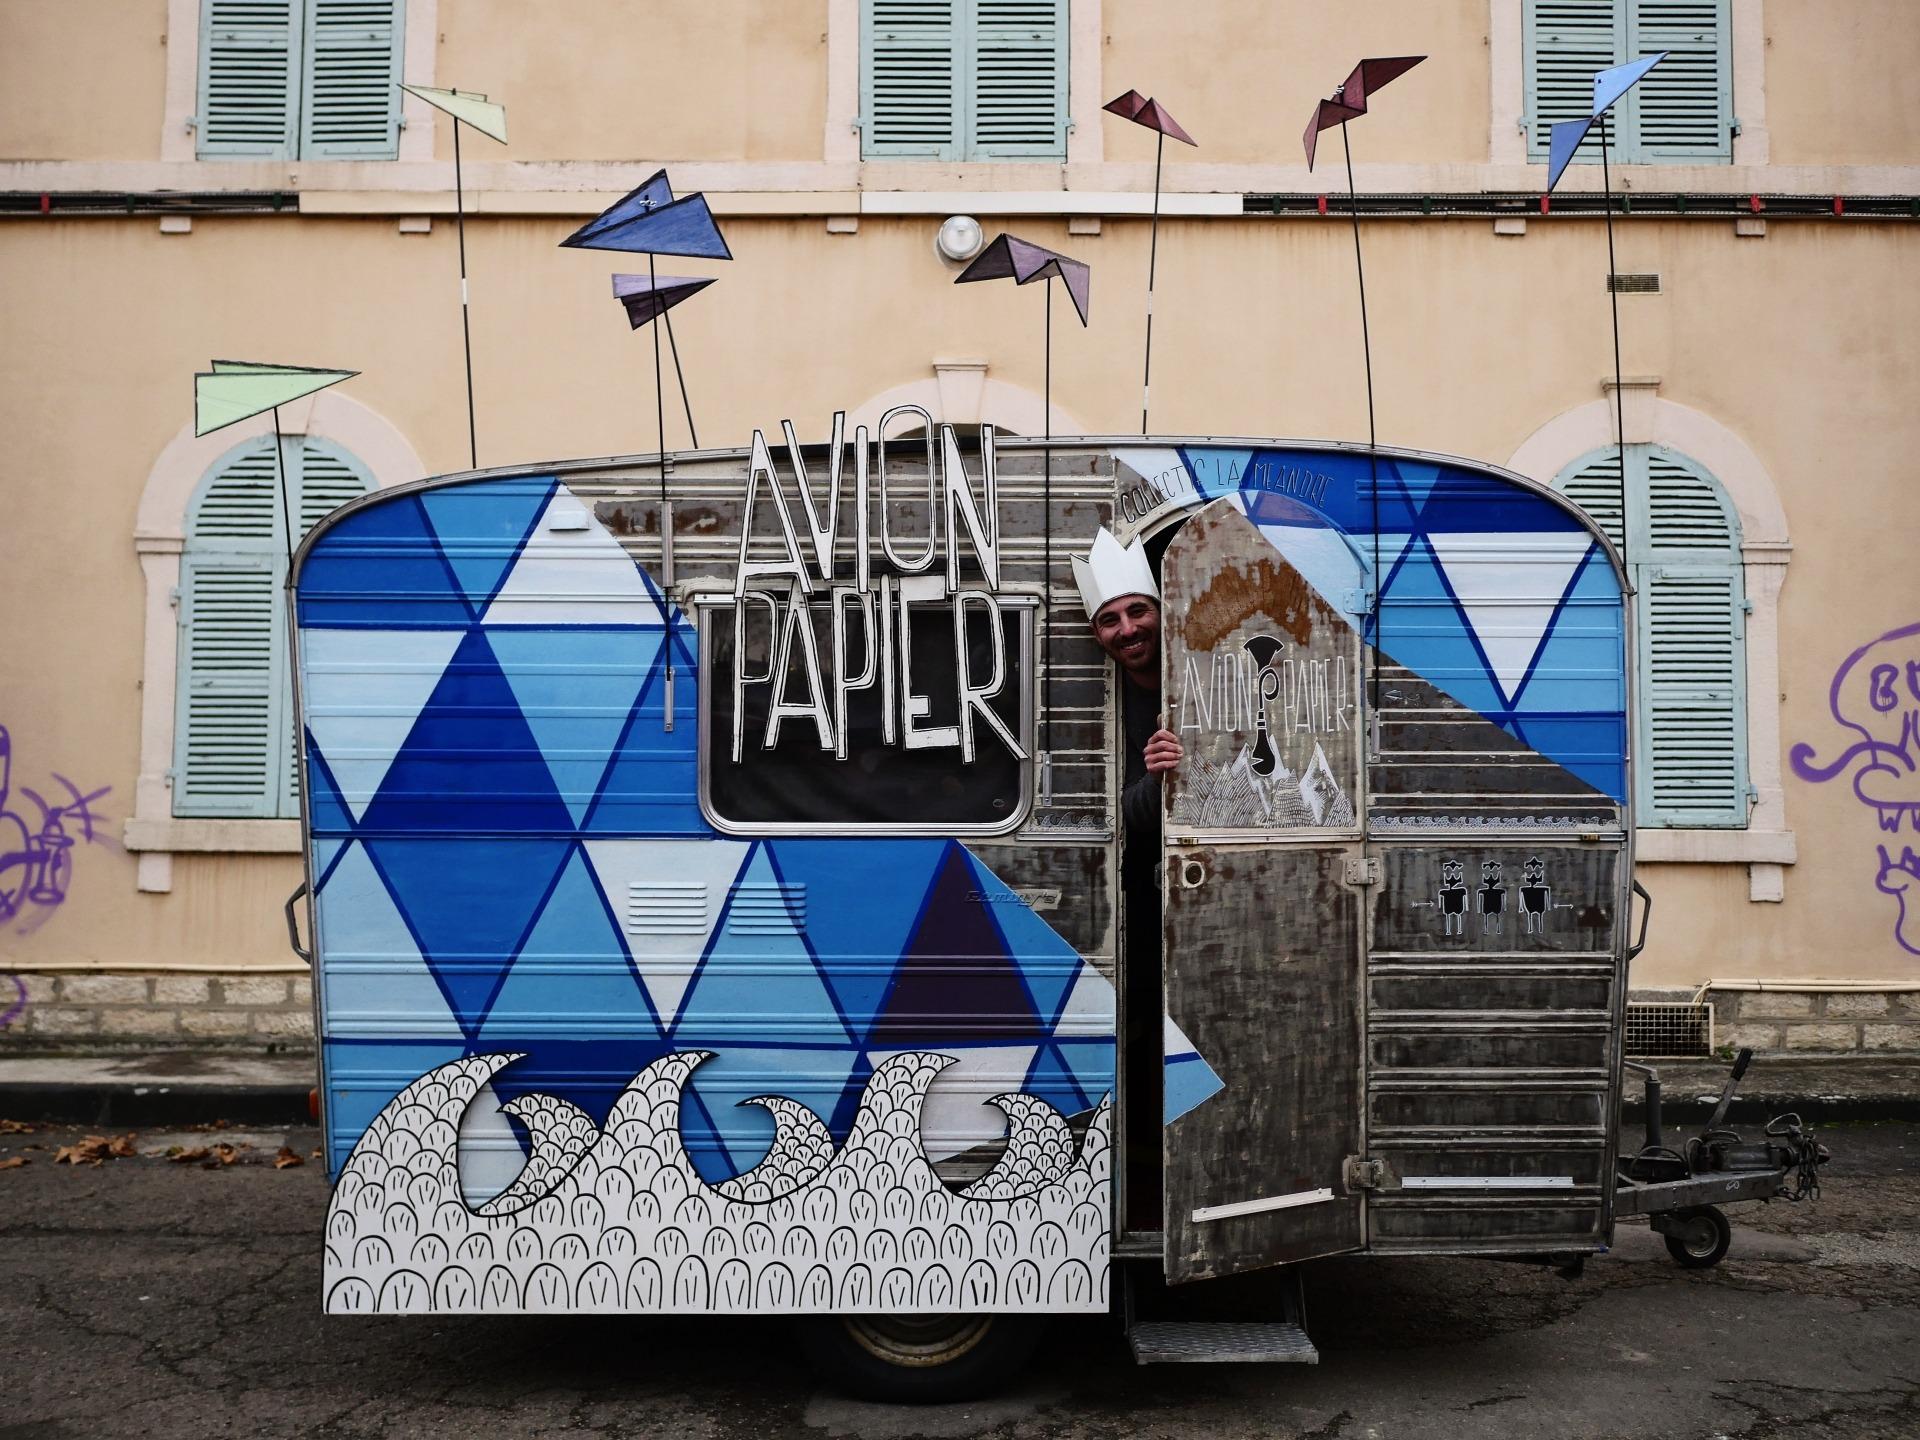 Fotografia exterior da caravana que serve de abrigo ao espetáculo Avio Papier